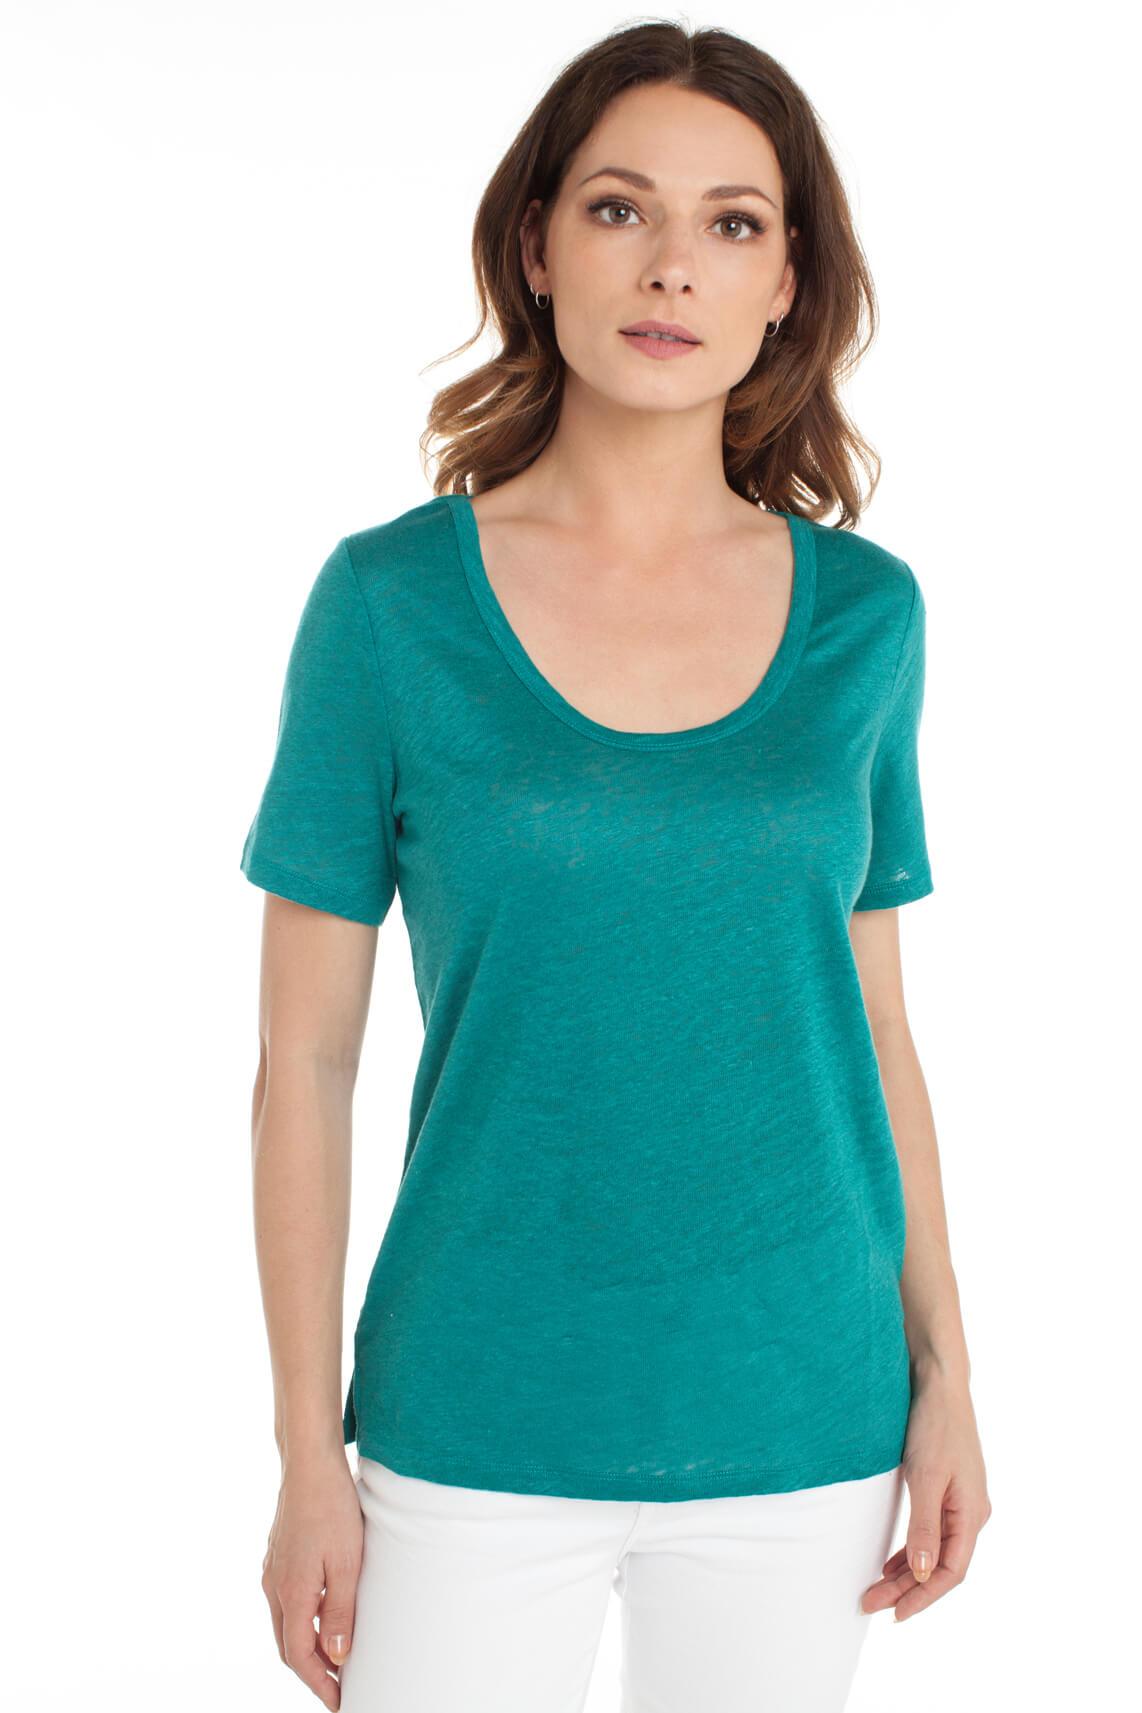 Marc O'Polo Dames Linnen shirt groen